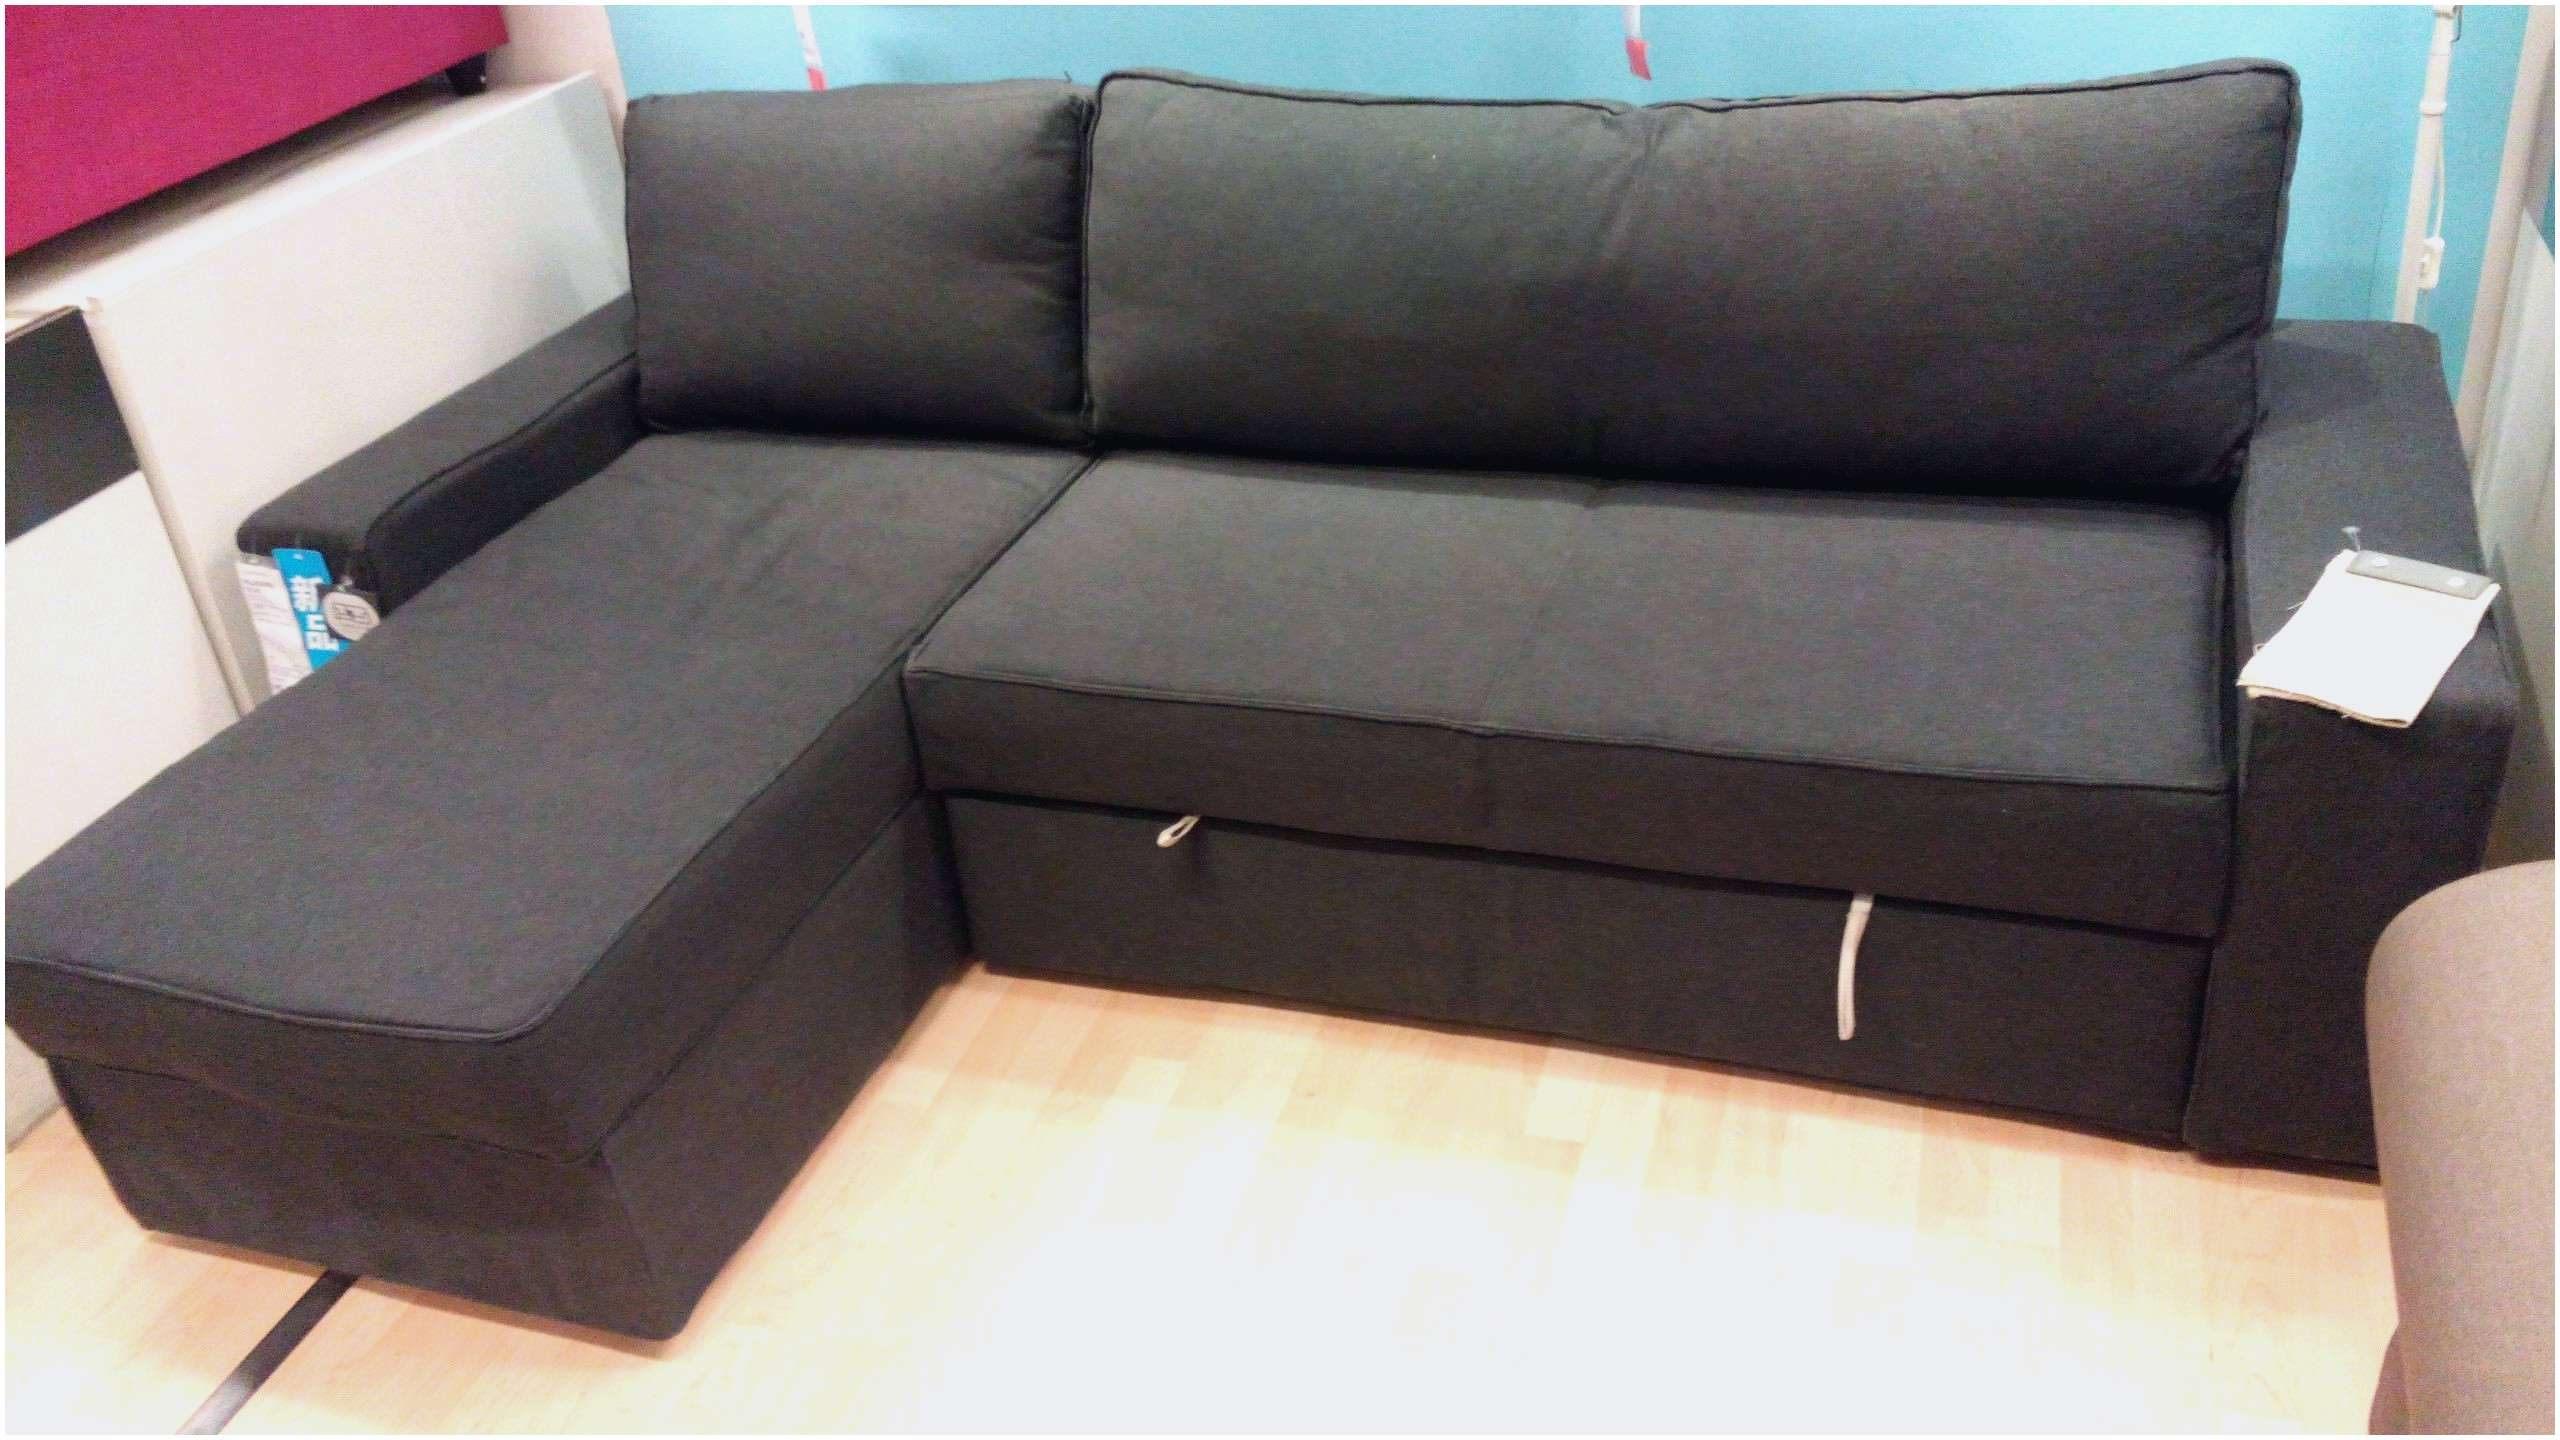 Conforama Canapé Lit De Luxe Unique Ikea Canape Lit Bz Conforama Alinea Bz Canape Lit Place